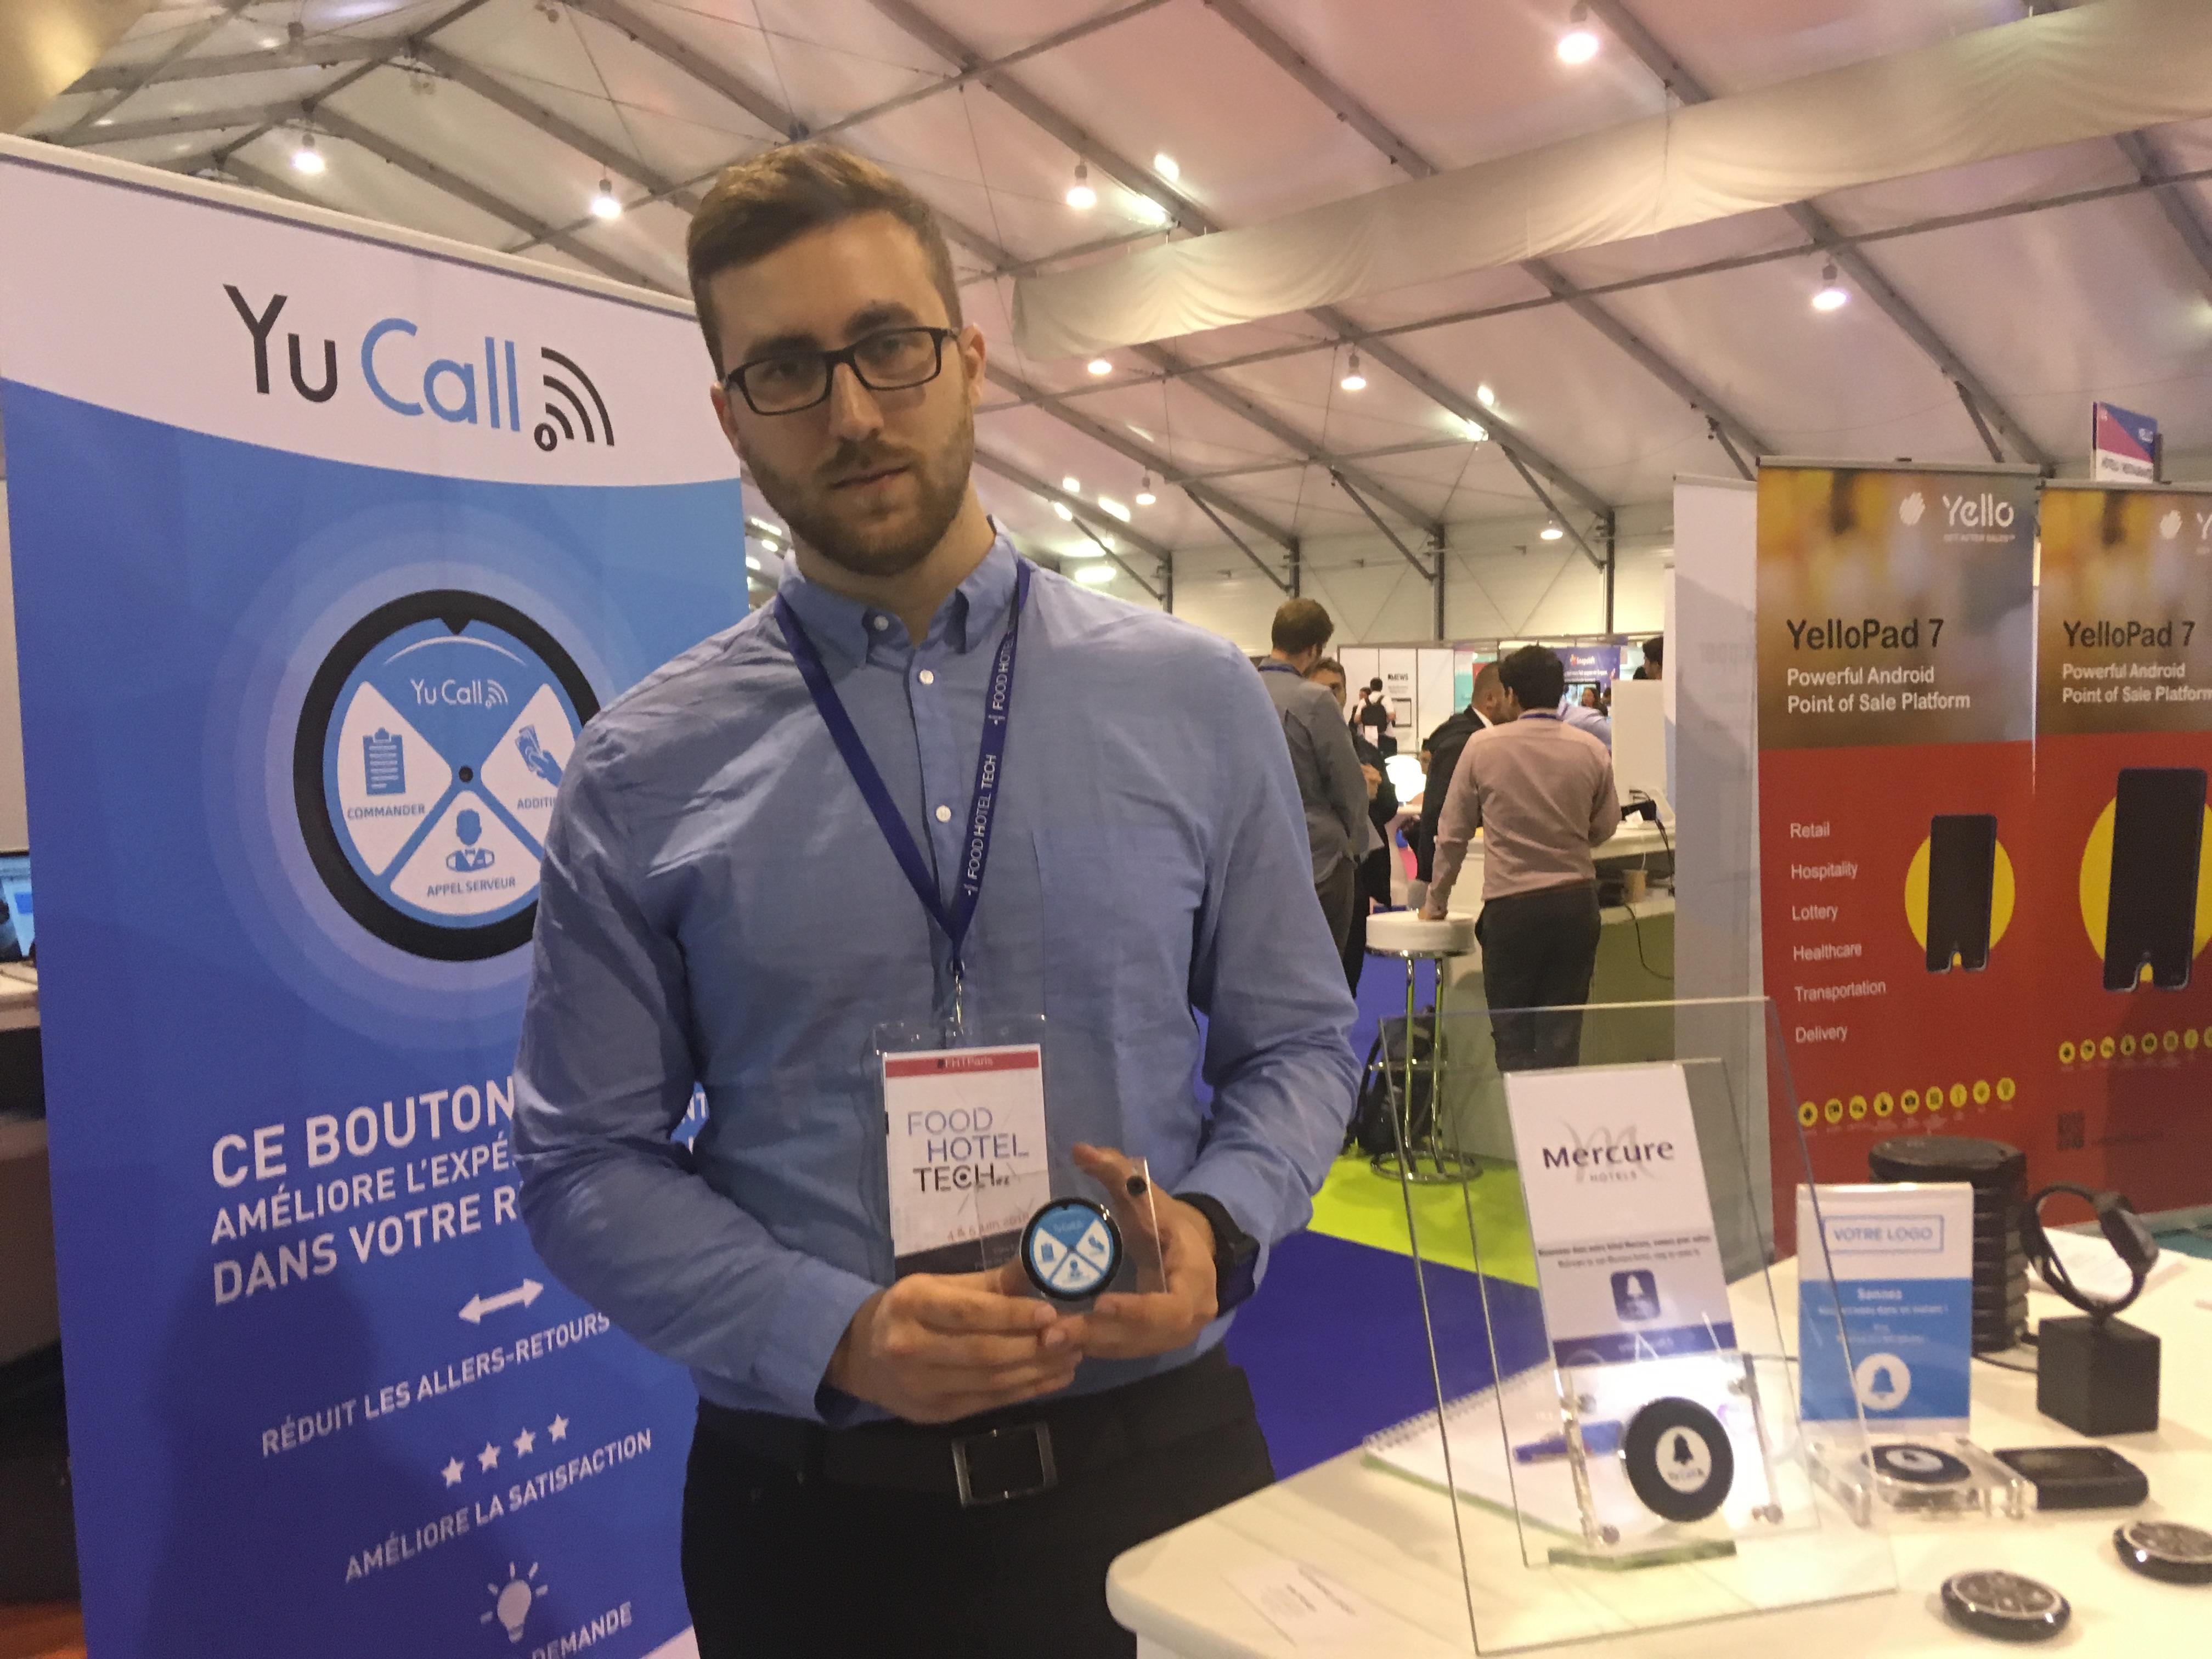 Adrien Joseph, responsable commercial du secteur de l'hôtellerie a présenté la solution Yu Call au Food Hotel Tech. - CL